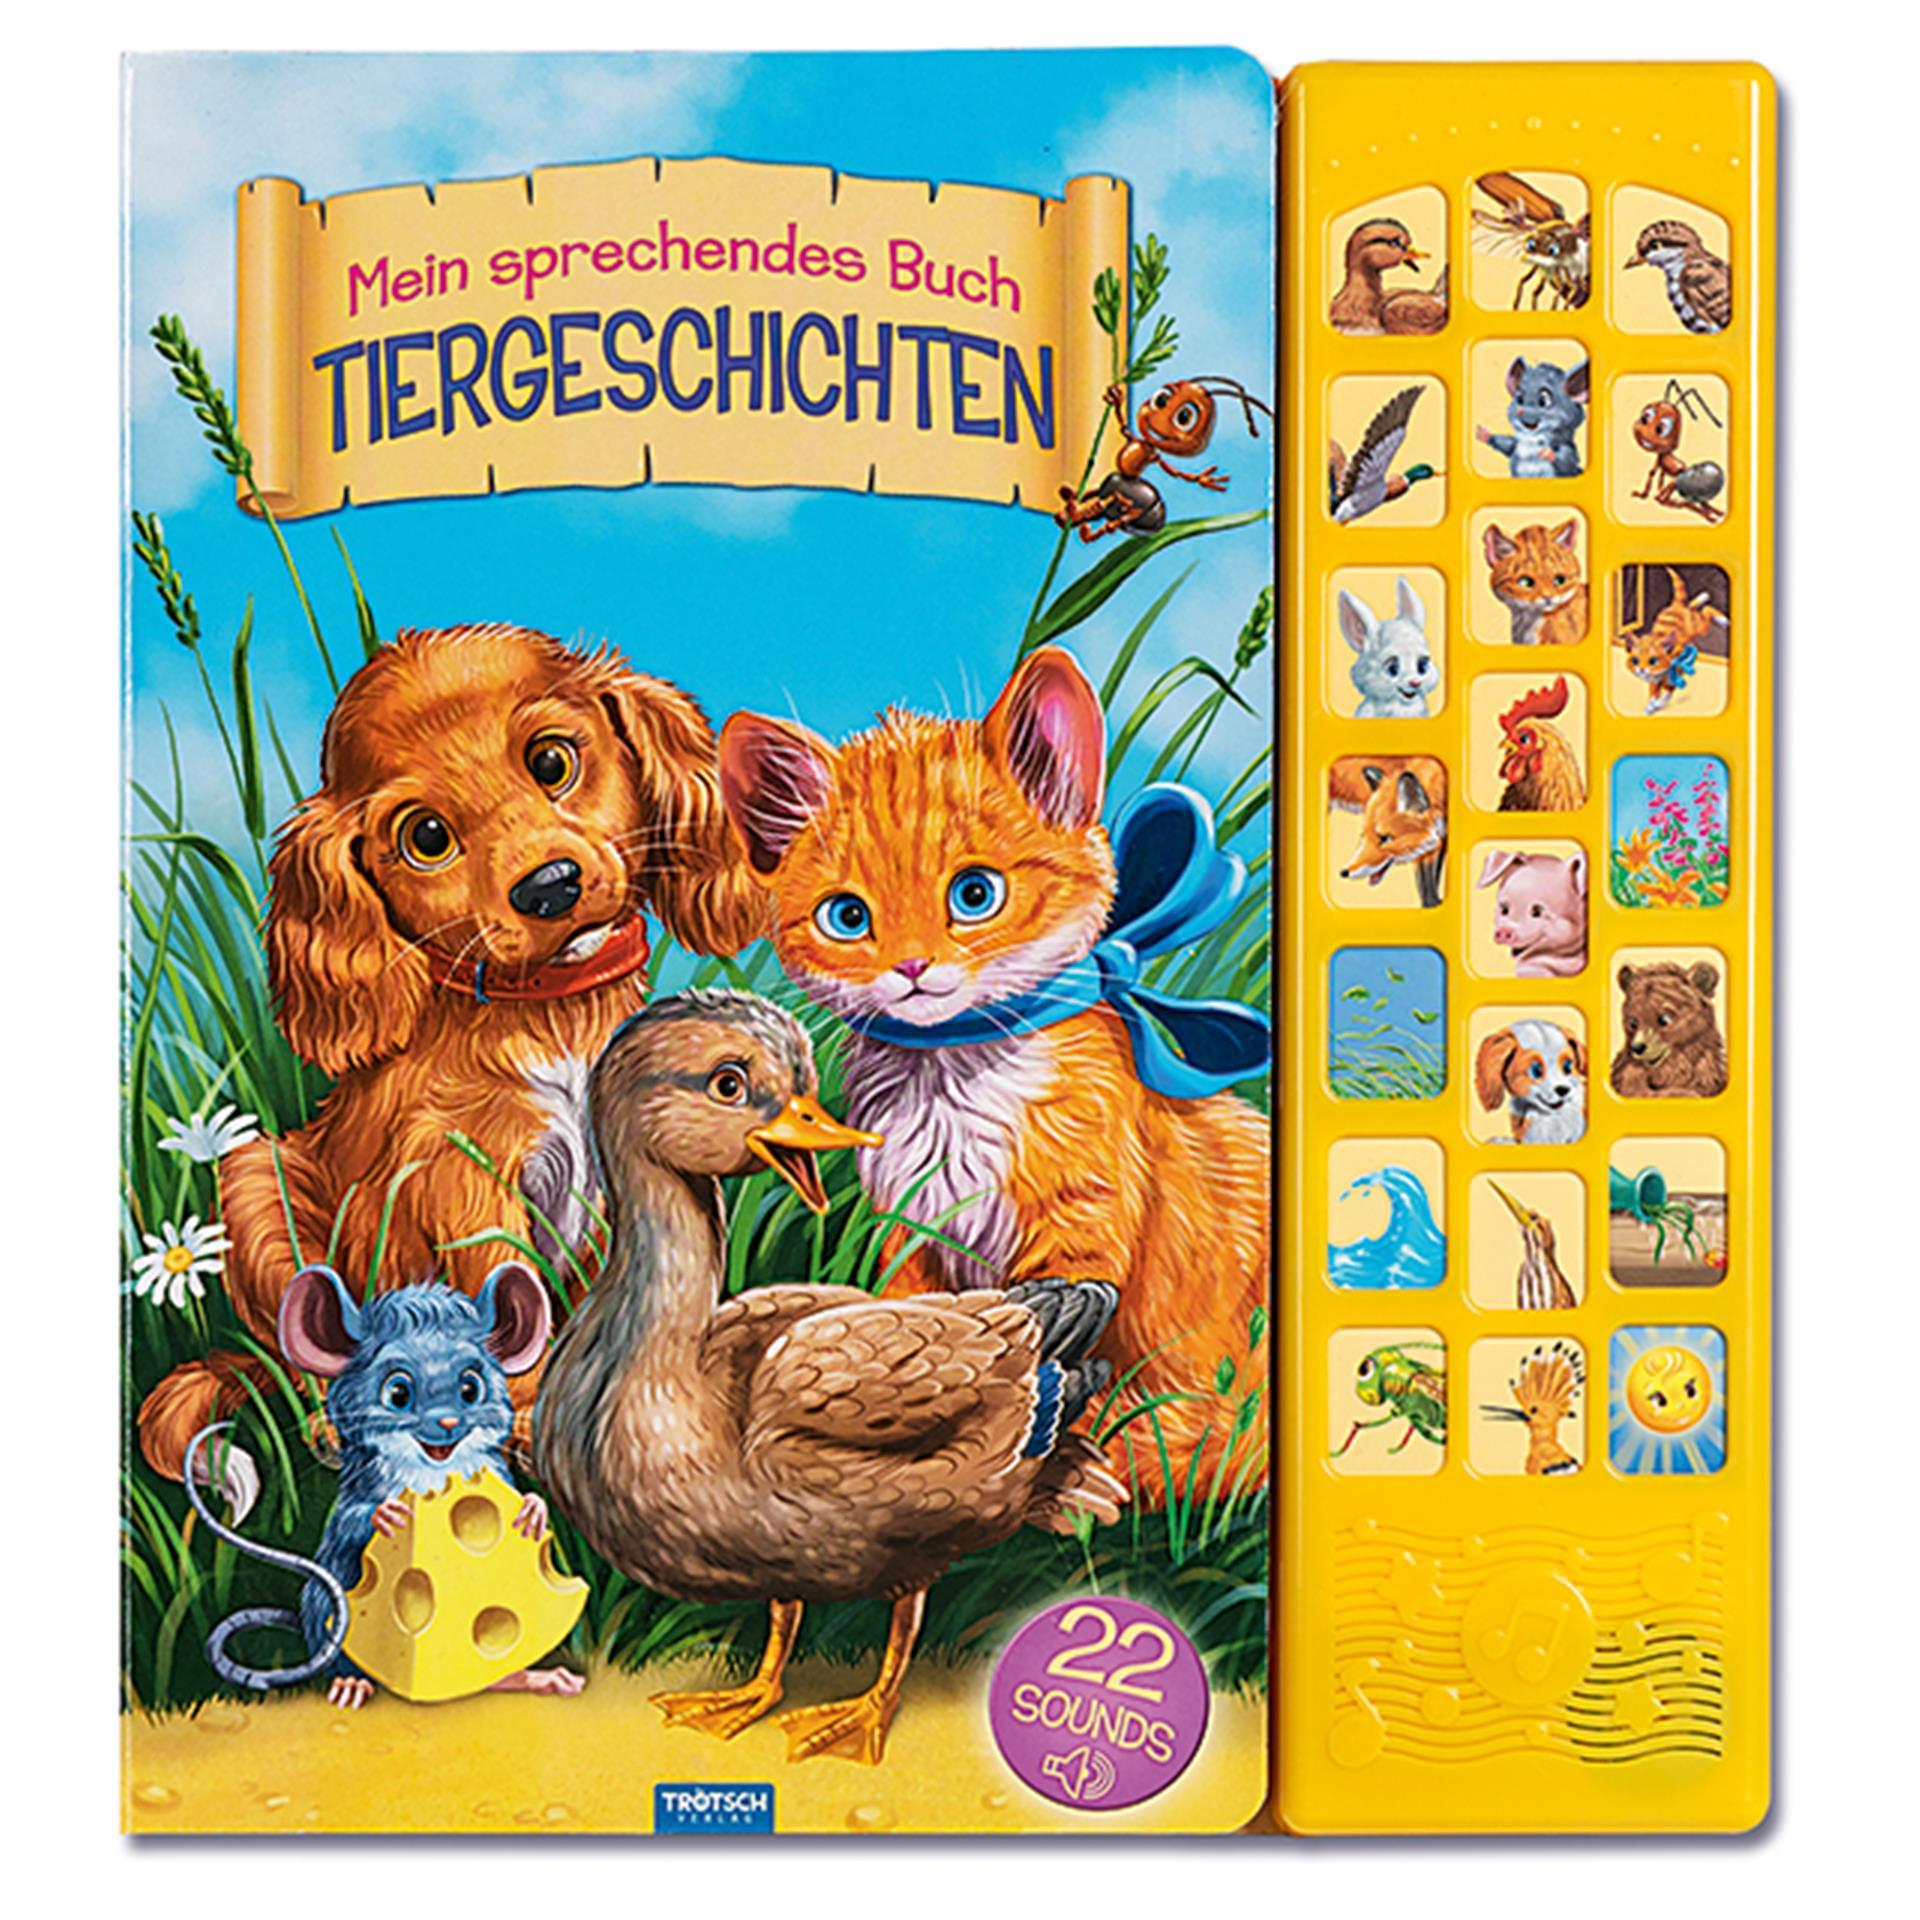 Trötsch Meinsprechendes Buch Tiergeschichten